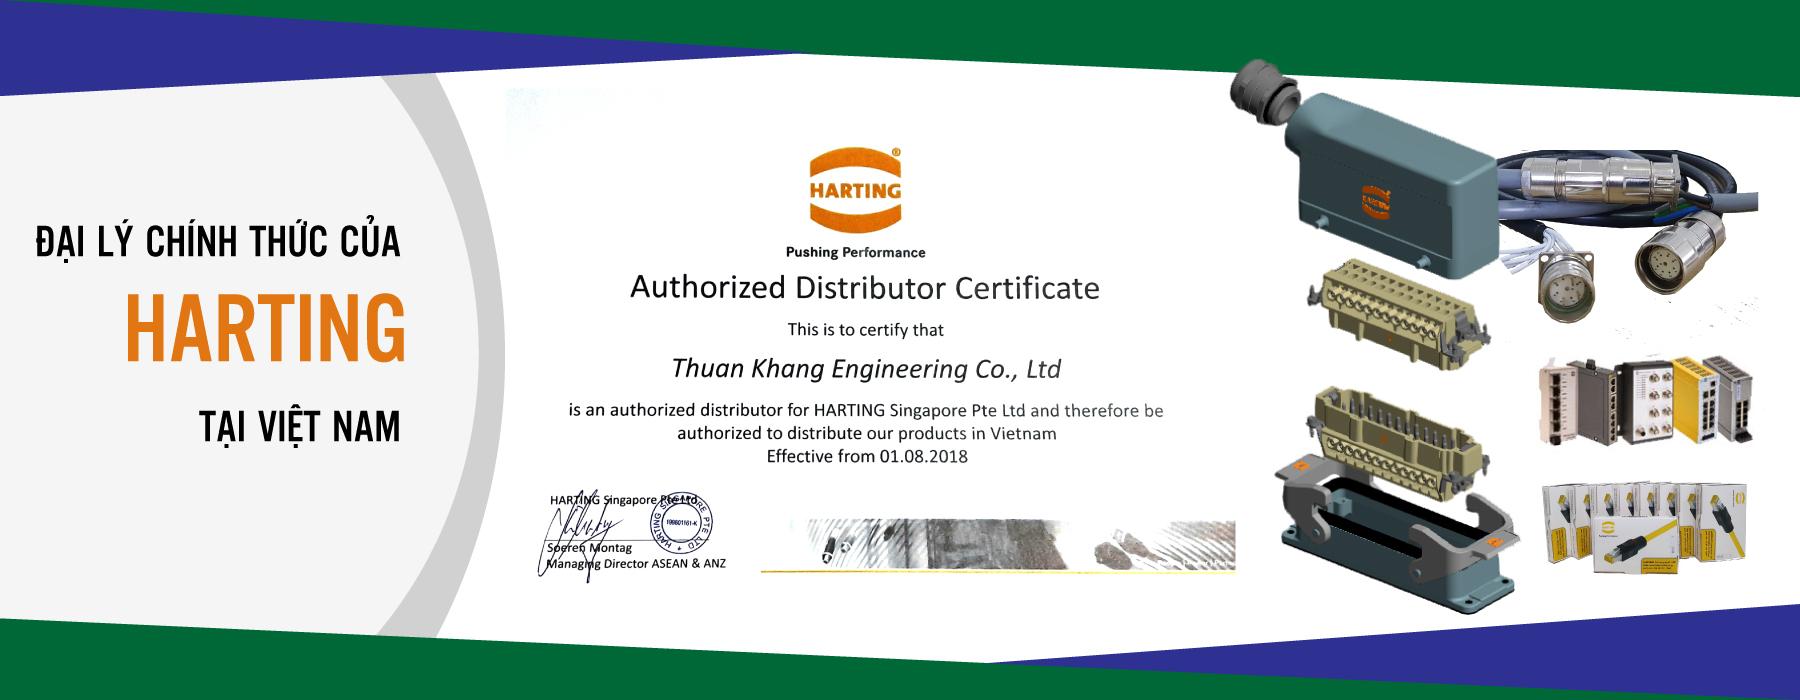 Distributor of Harting in Vietnam